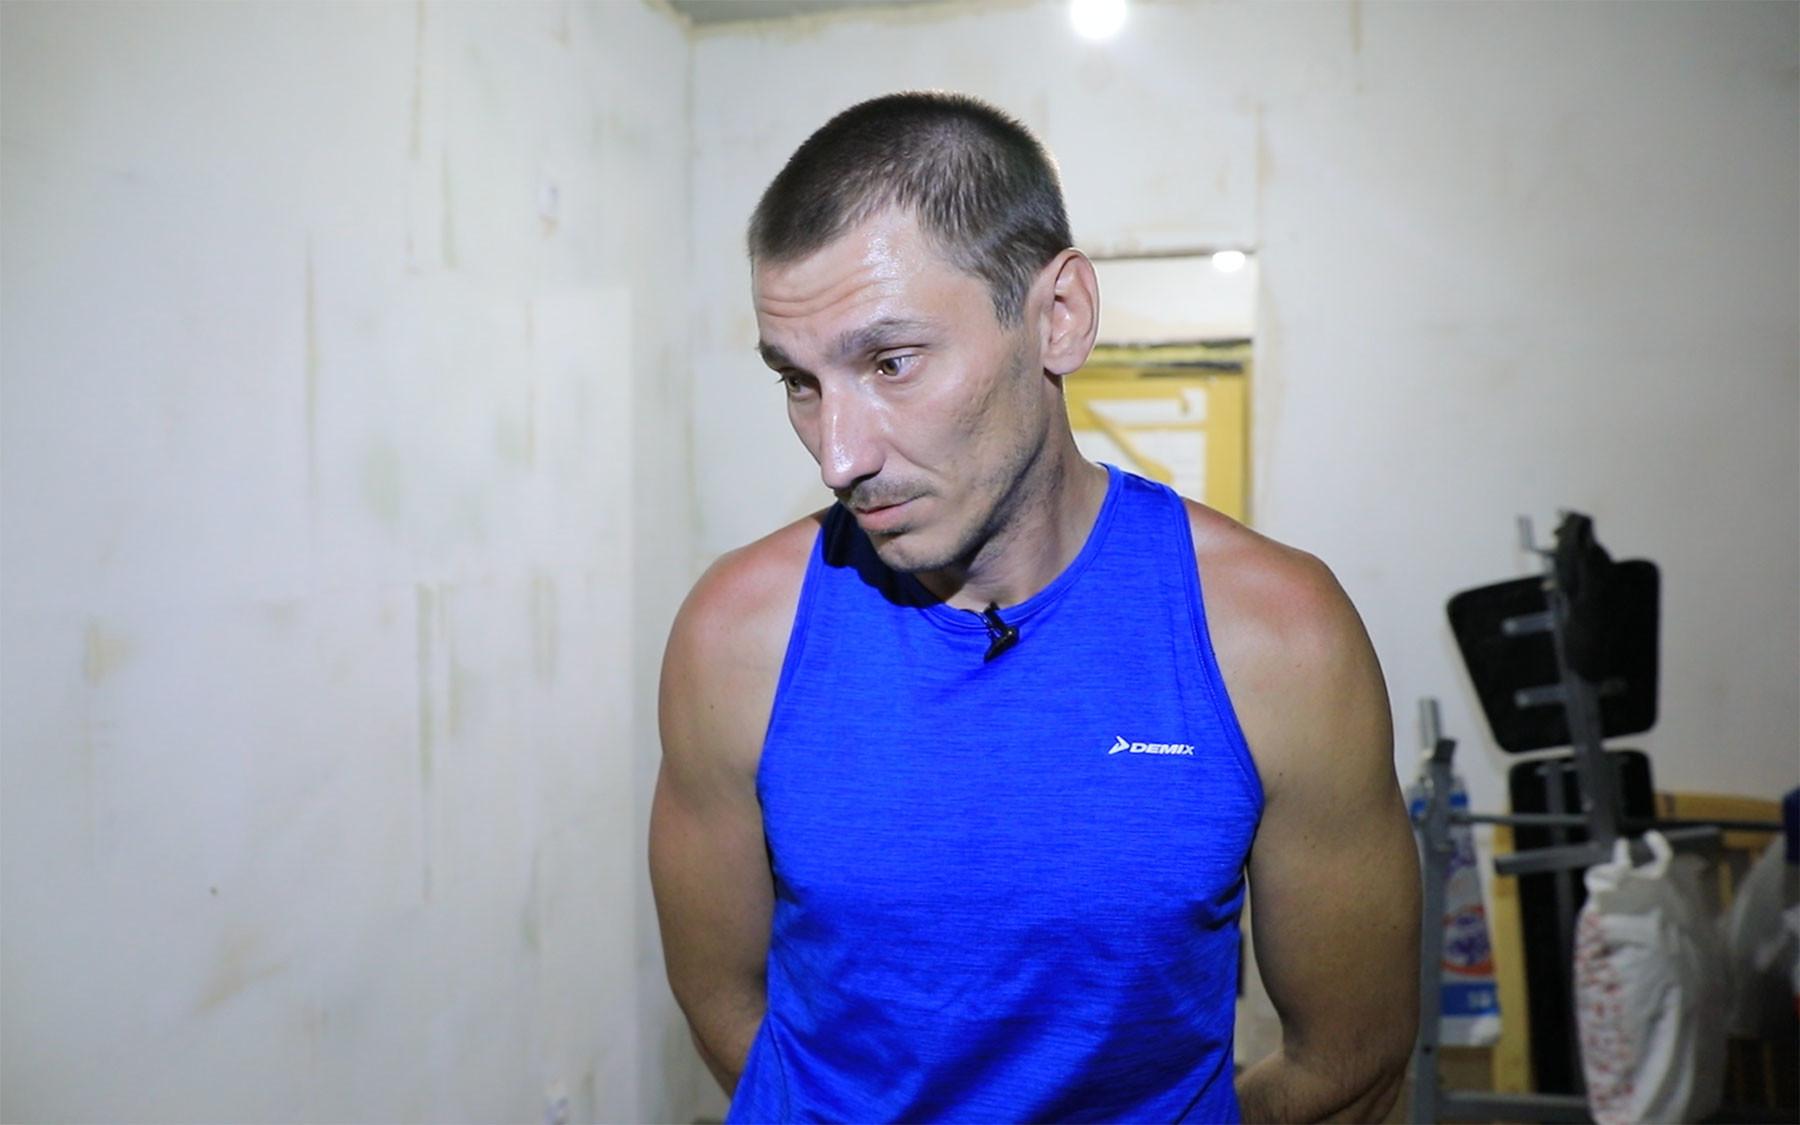 Евгений, муж Анны Давыдовой. Фото: © L!FE